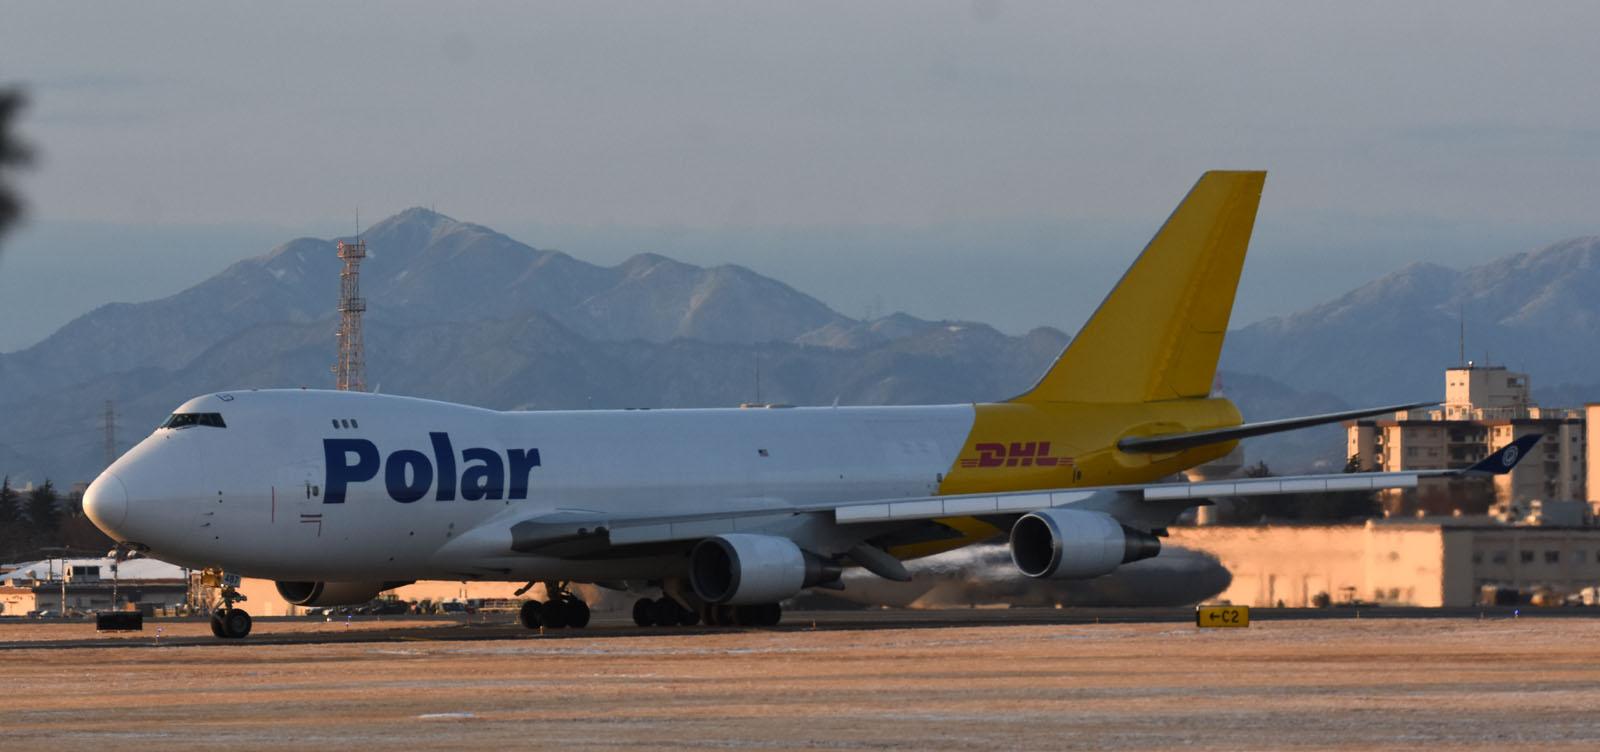 Polar190210g117